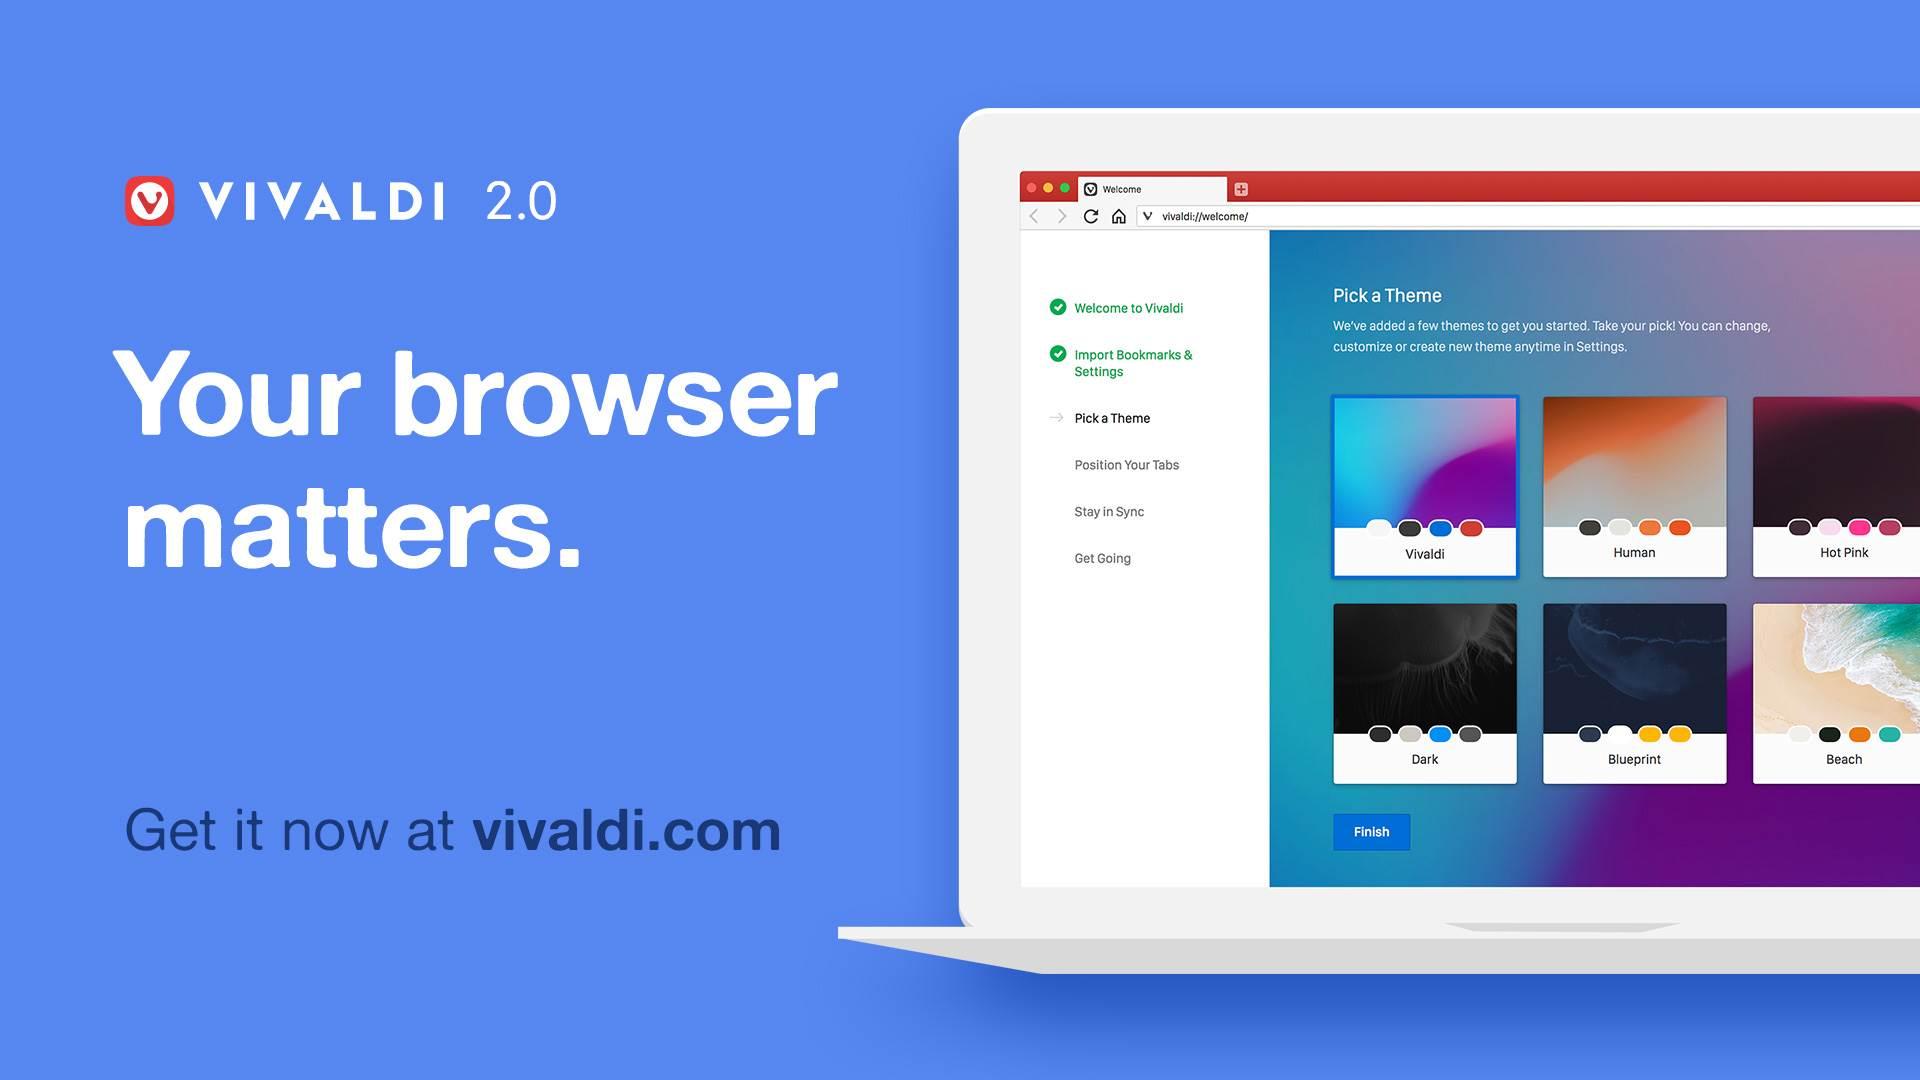 Vivaldi bolji nego Chrome i Firefox, Vivaldi utisci, Vivaldi opis, Vivaldi 2.0 download i prelazak